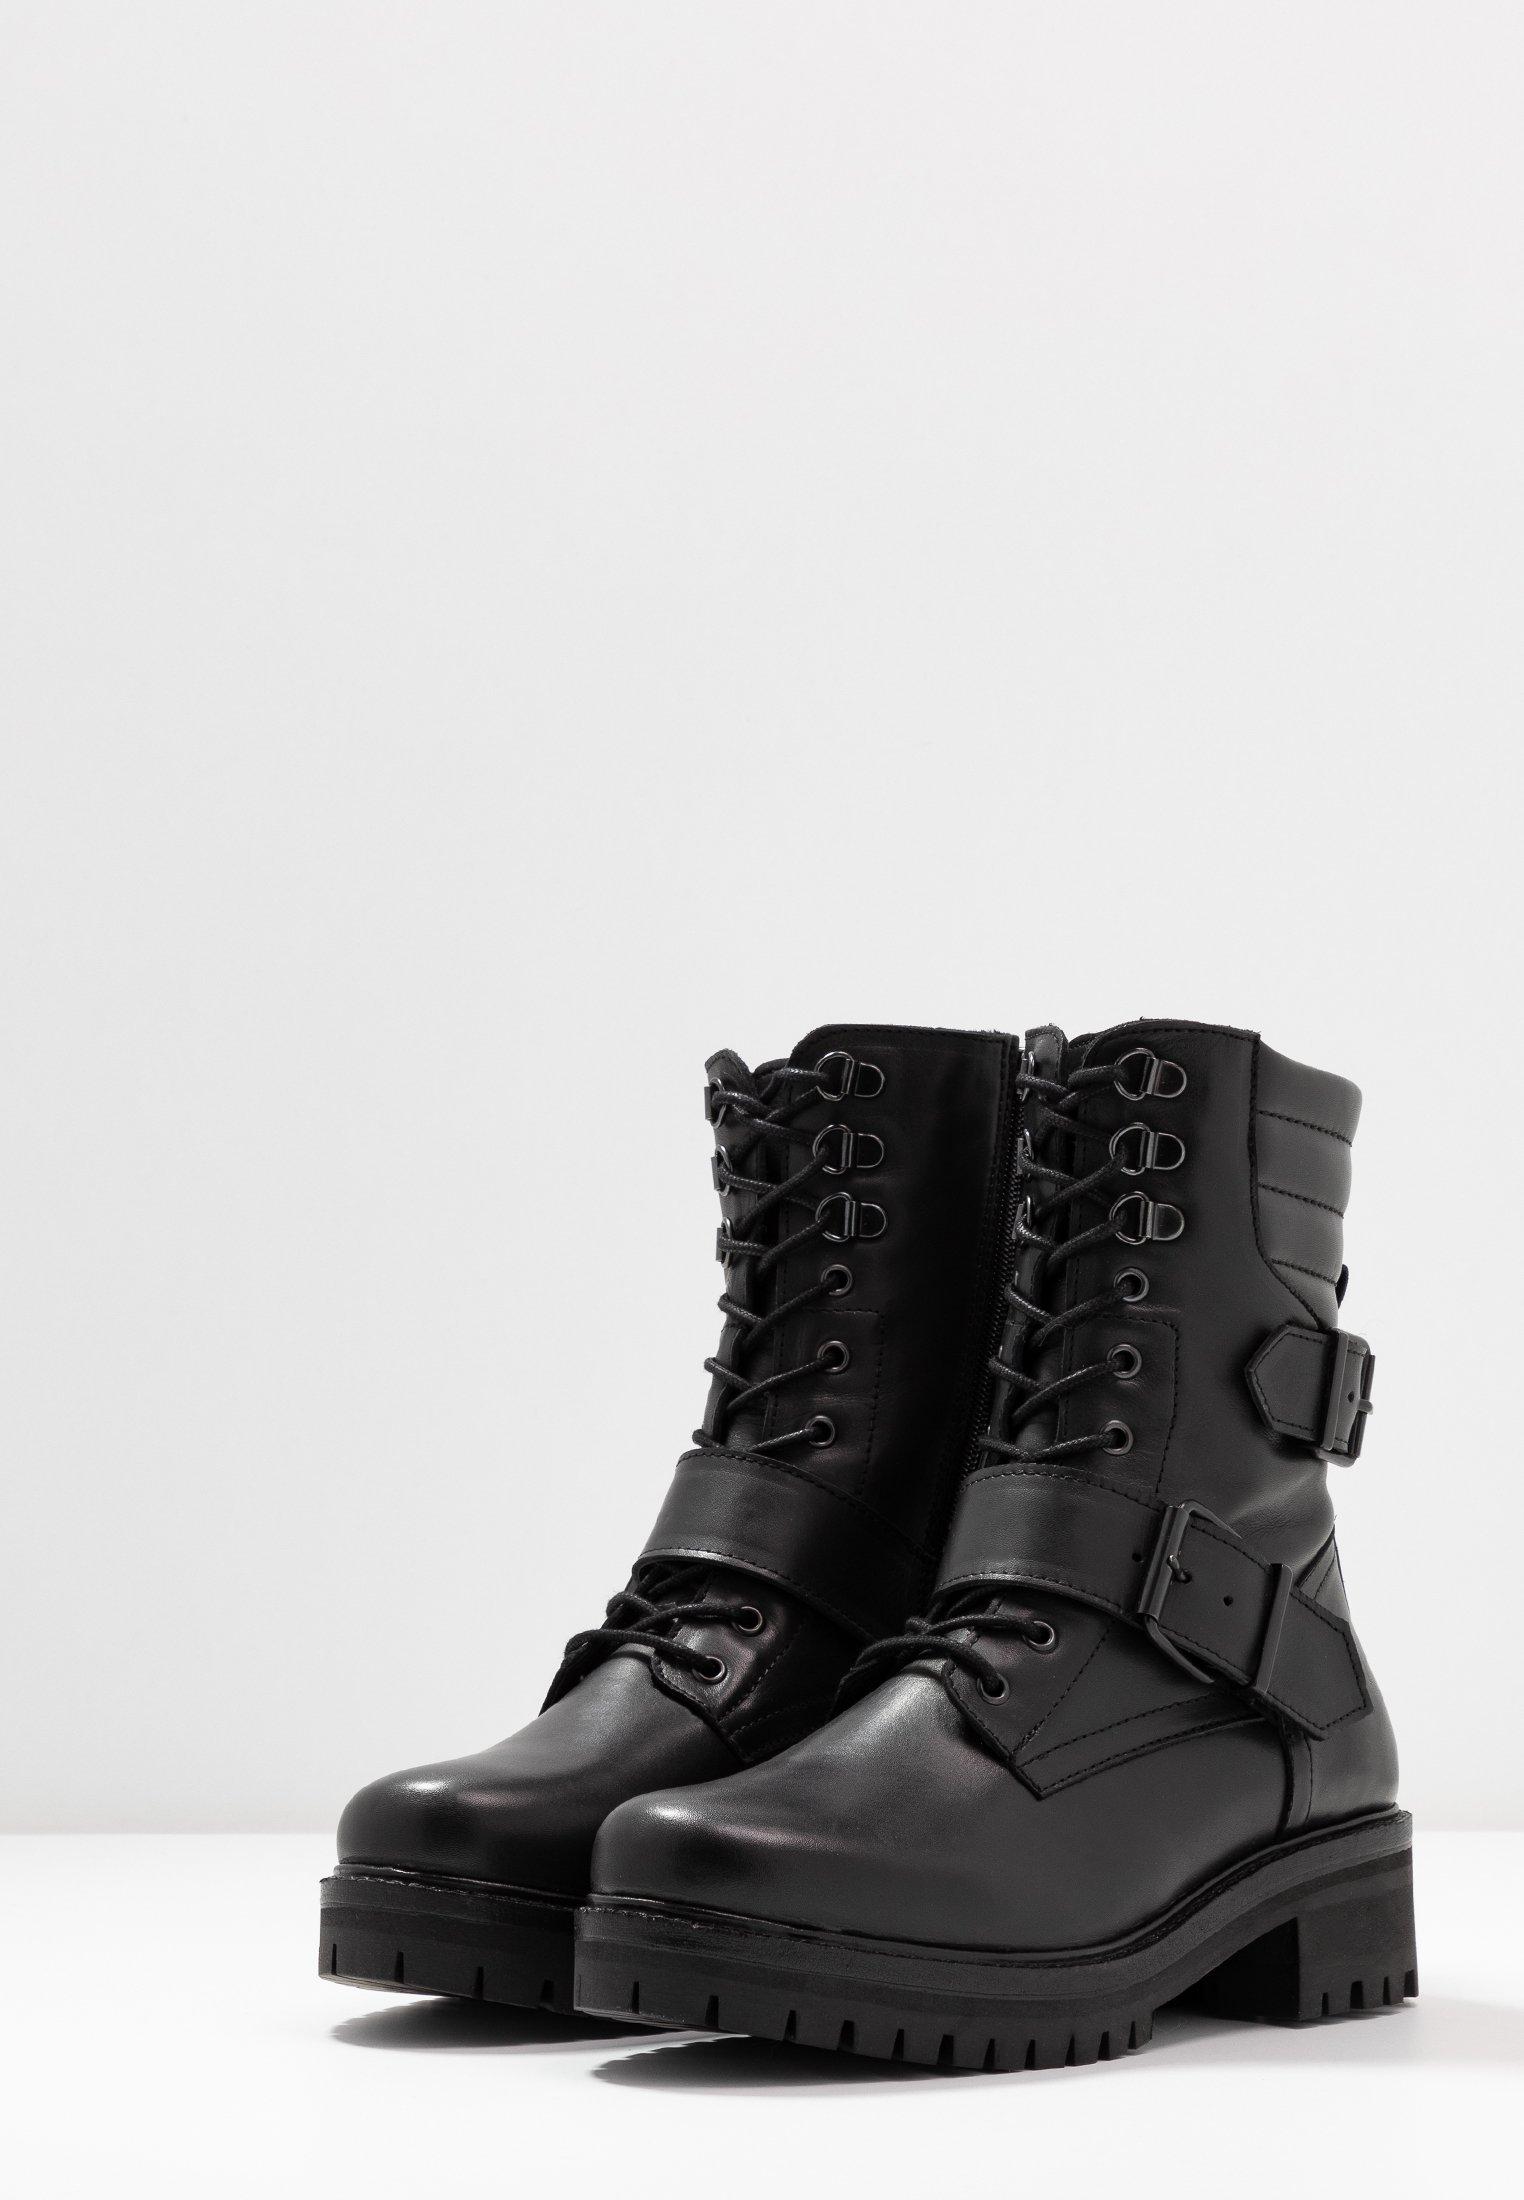 Zign Snowboot/Winterstiefel black